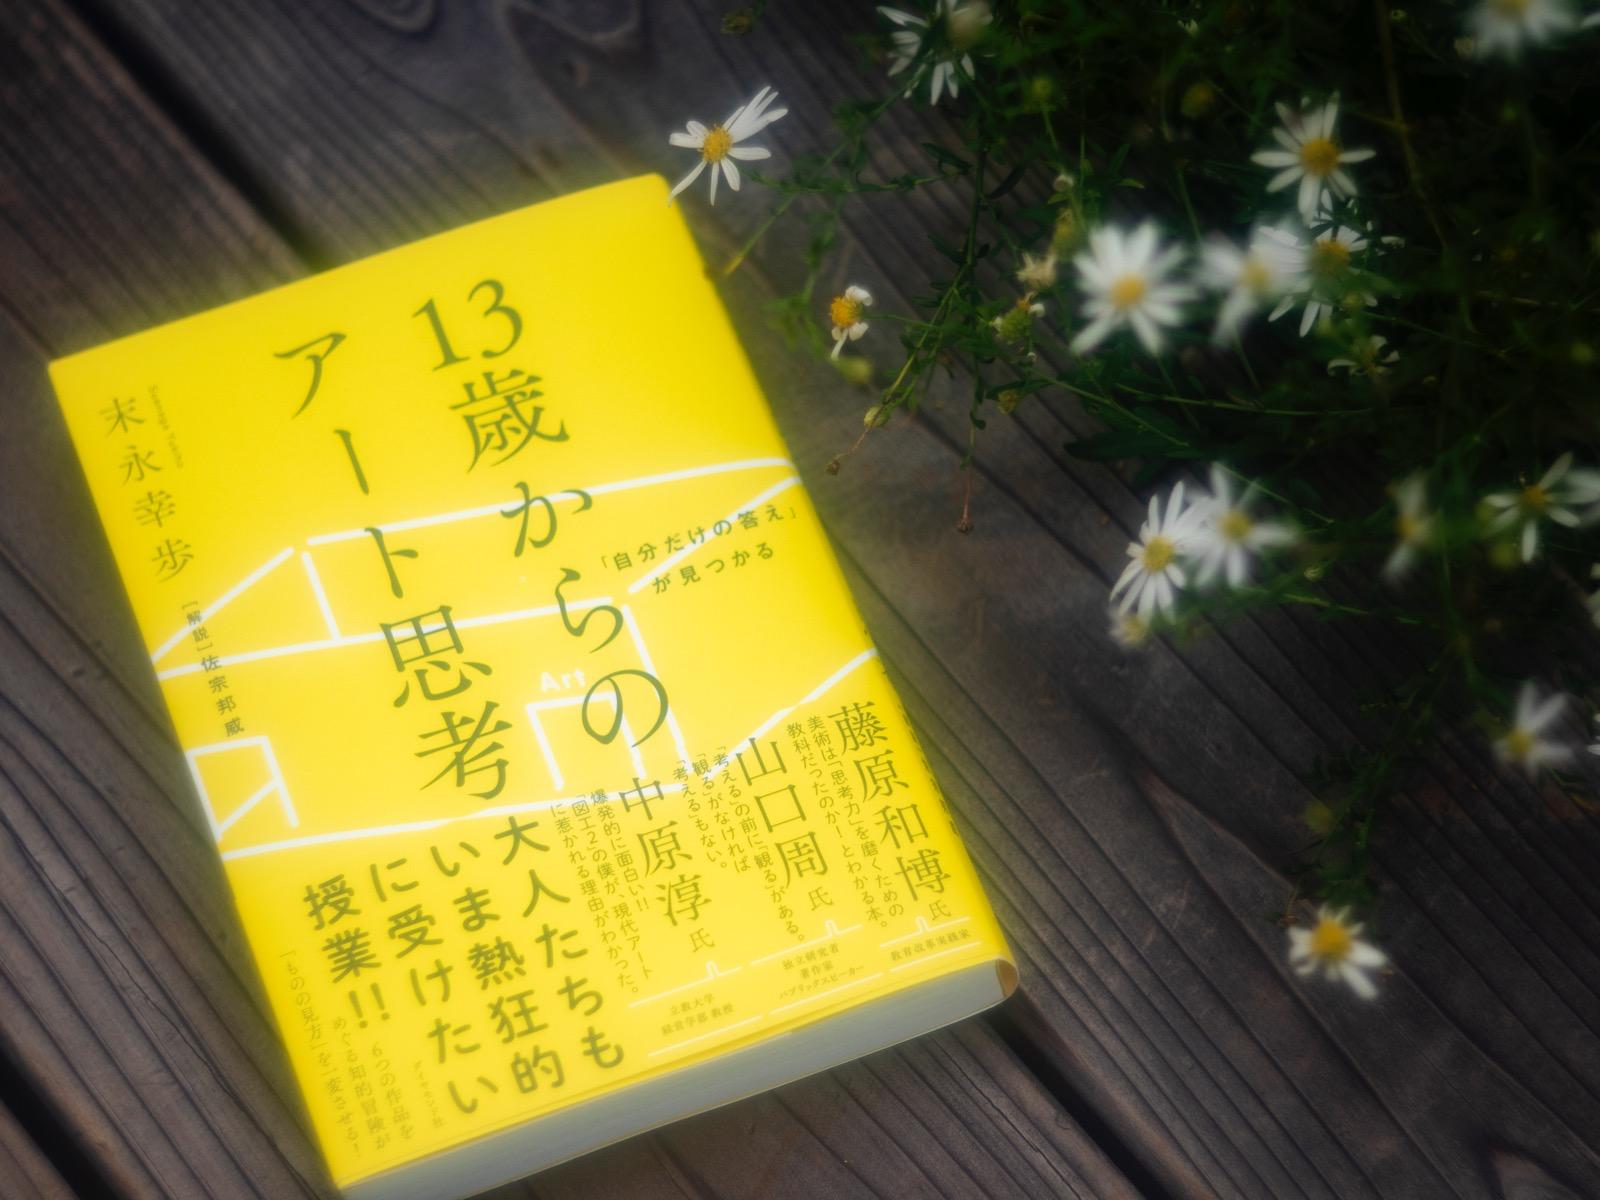 早苗久美子・おこもり時間に読みたい本・13歳からのアート思考